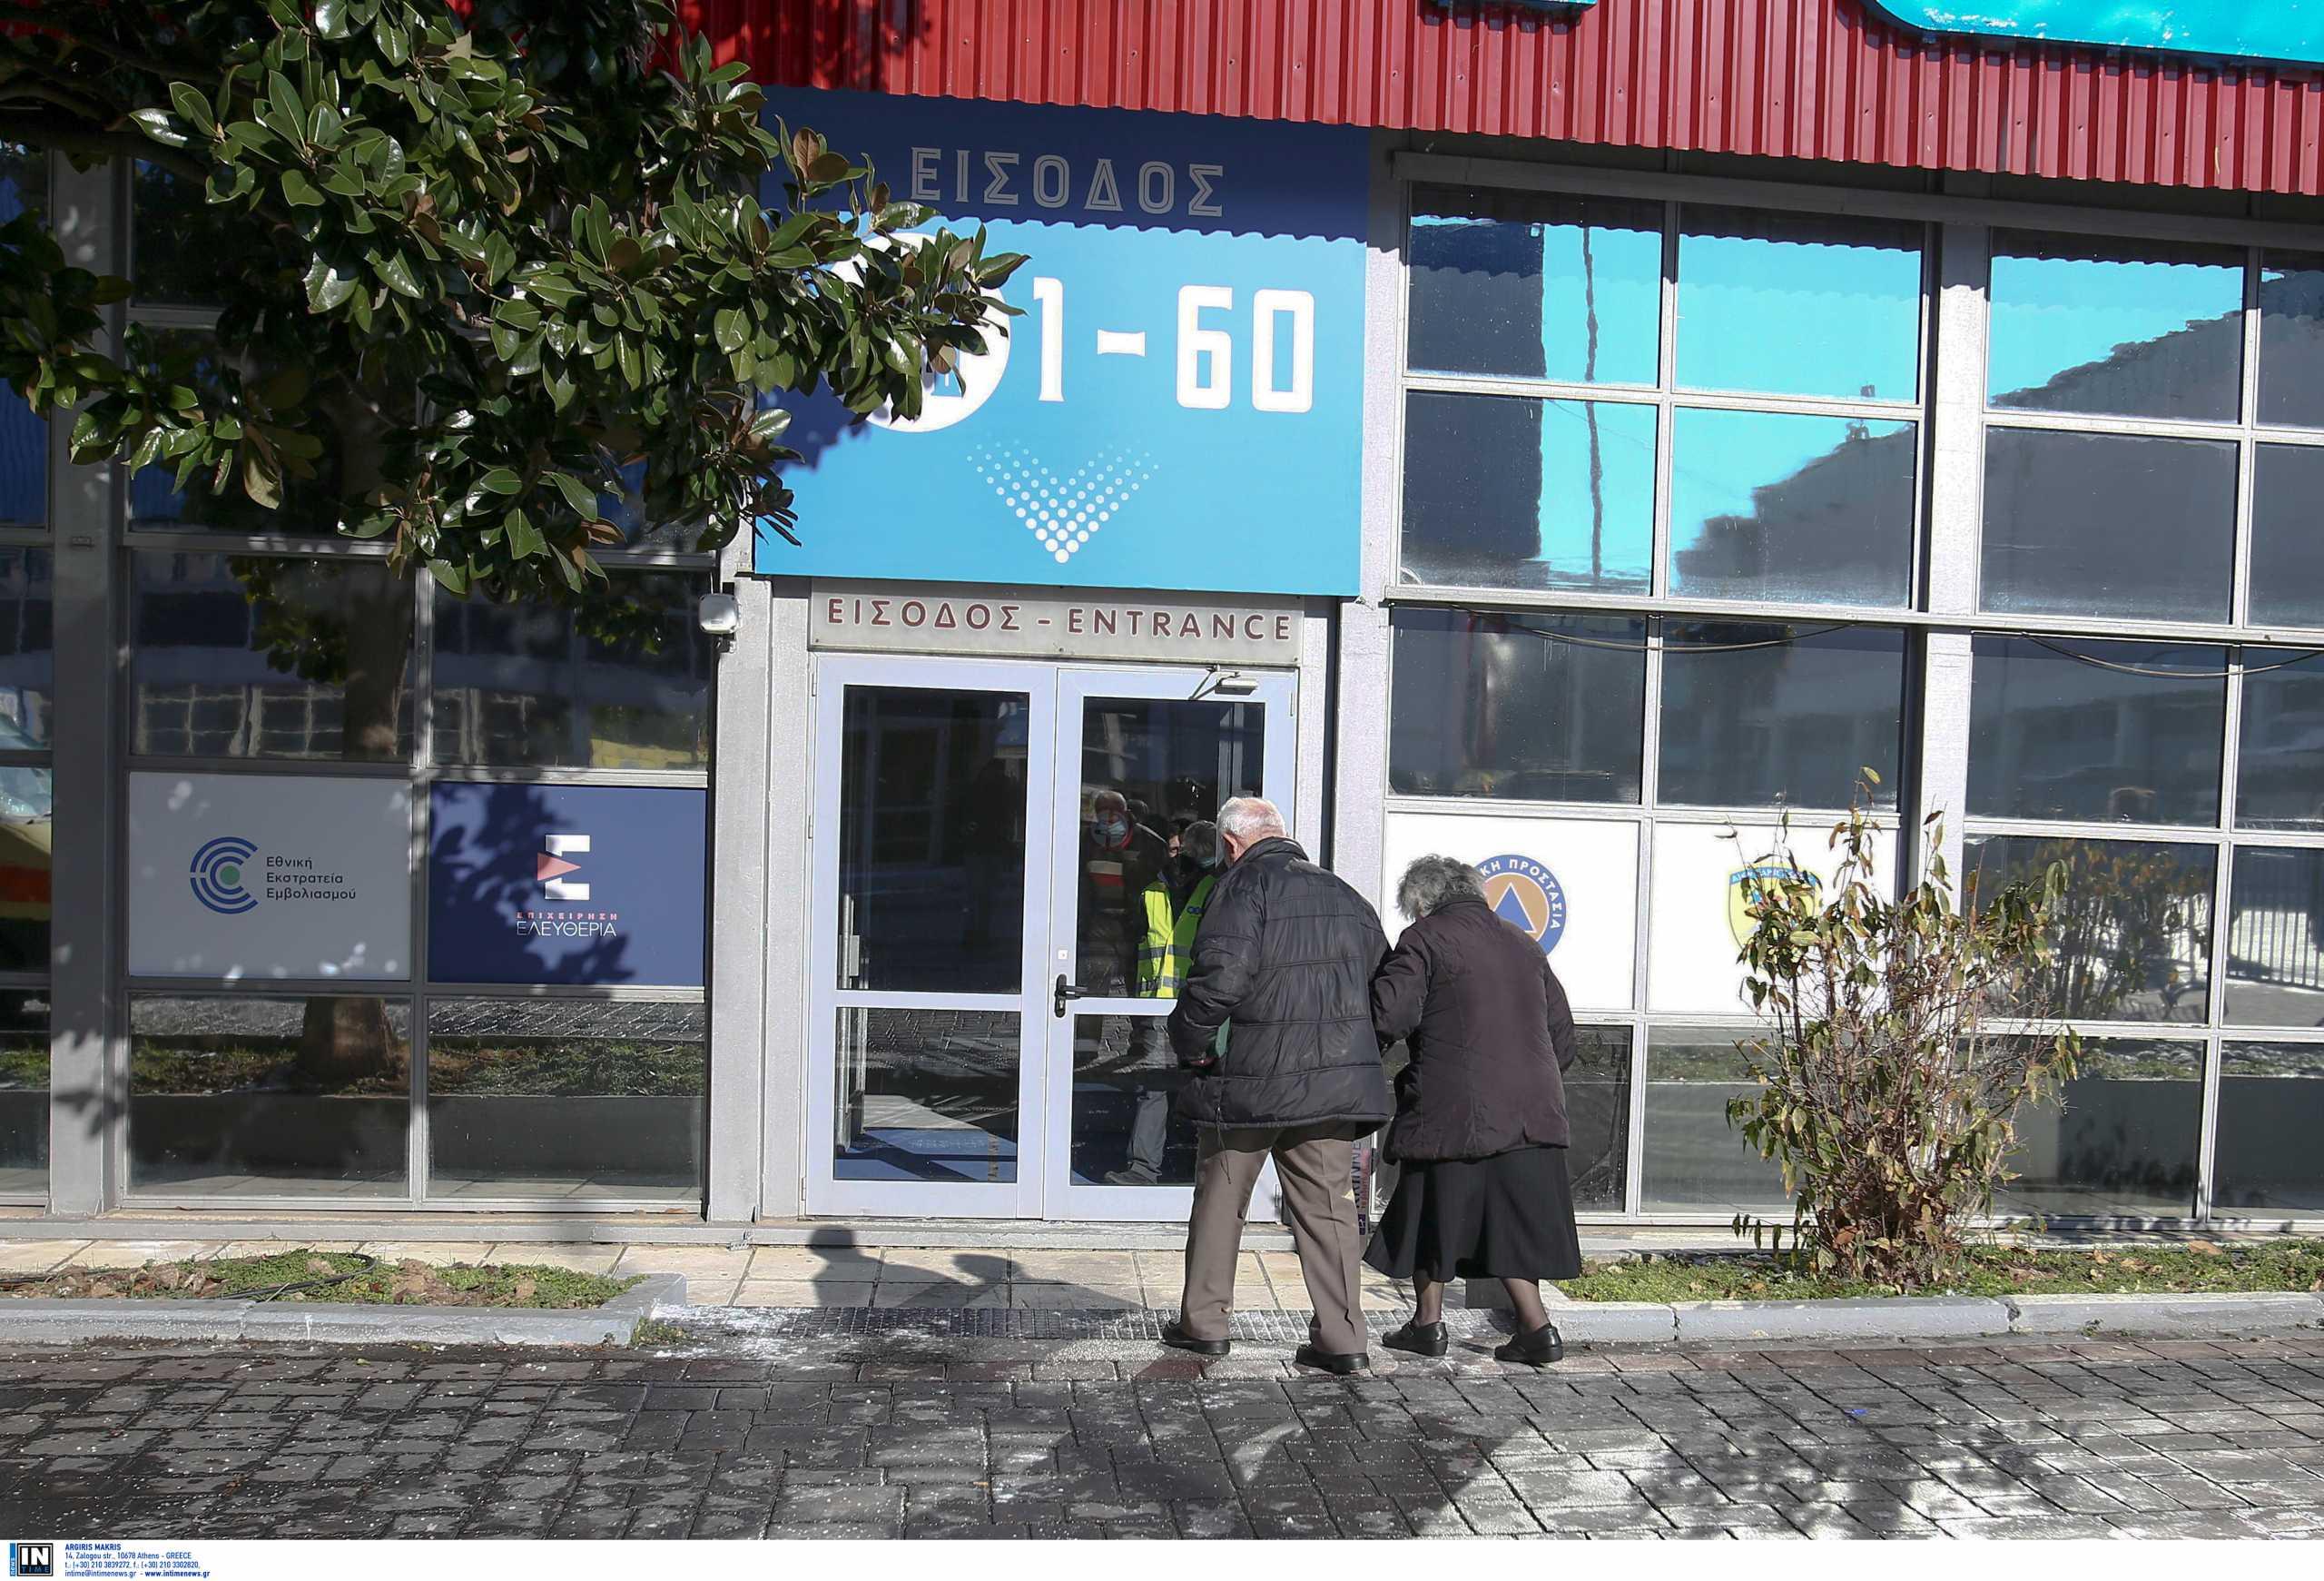 Πελώνη: Πάνω από 90% η προσέλευση των γιατρών που επιστρατεύτηκαν